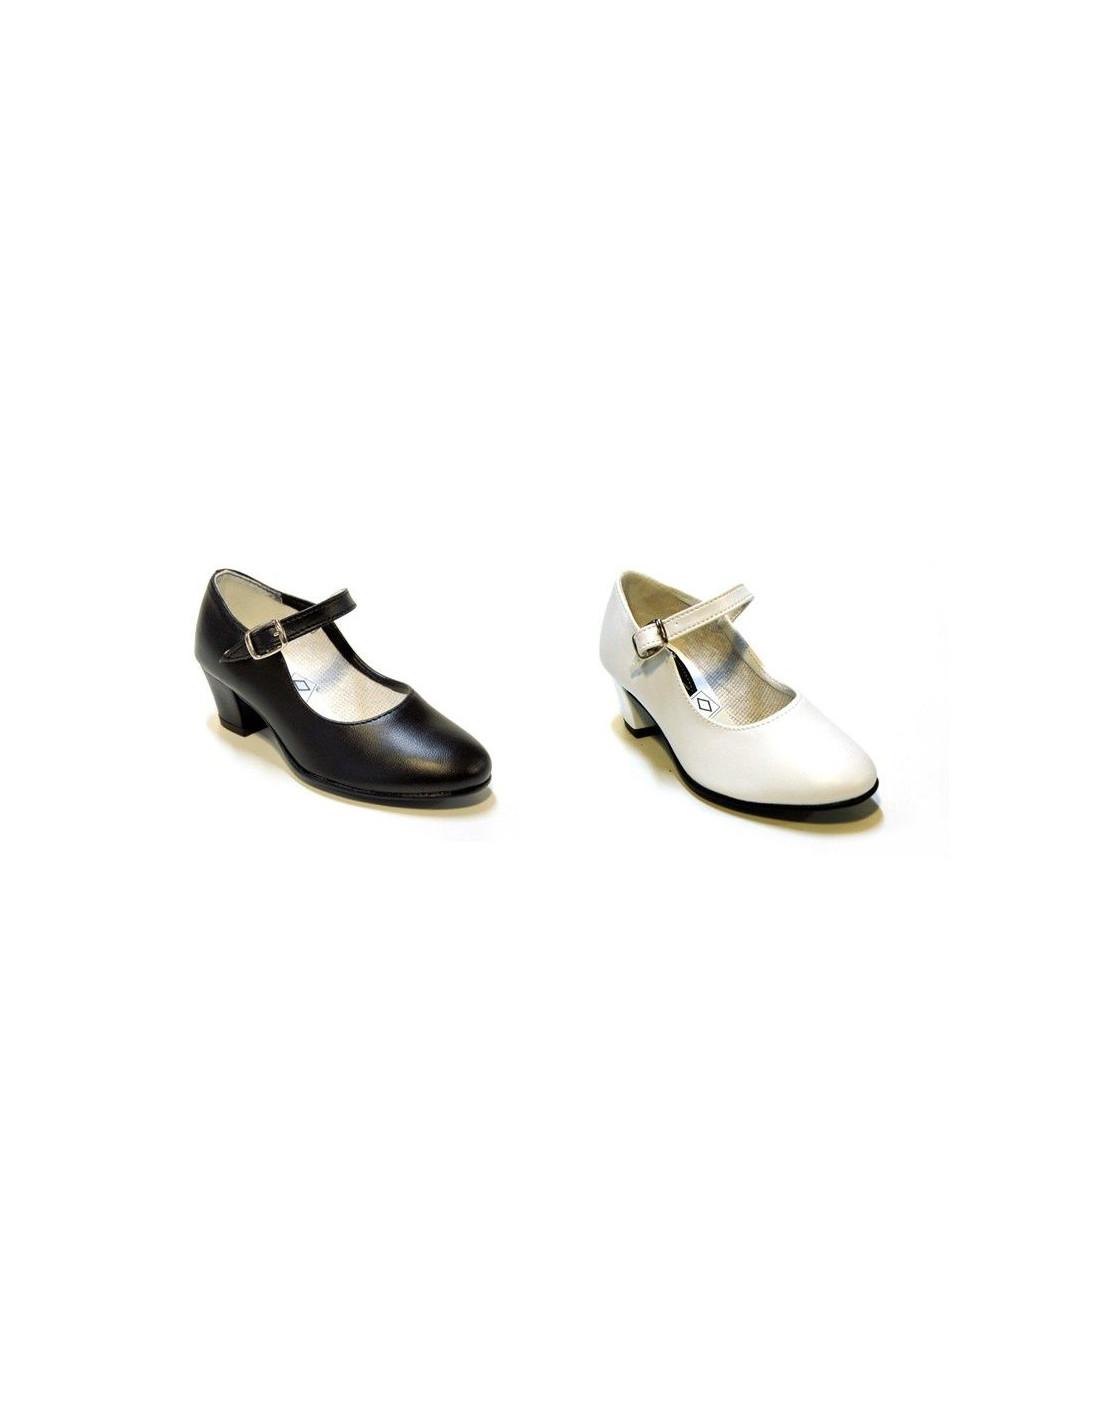 Chaussures Plaine Andalouse - Noir, Taille 38